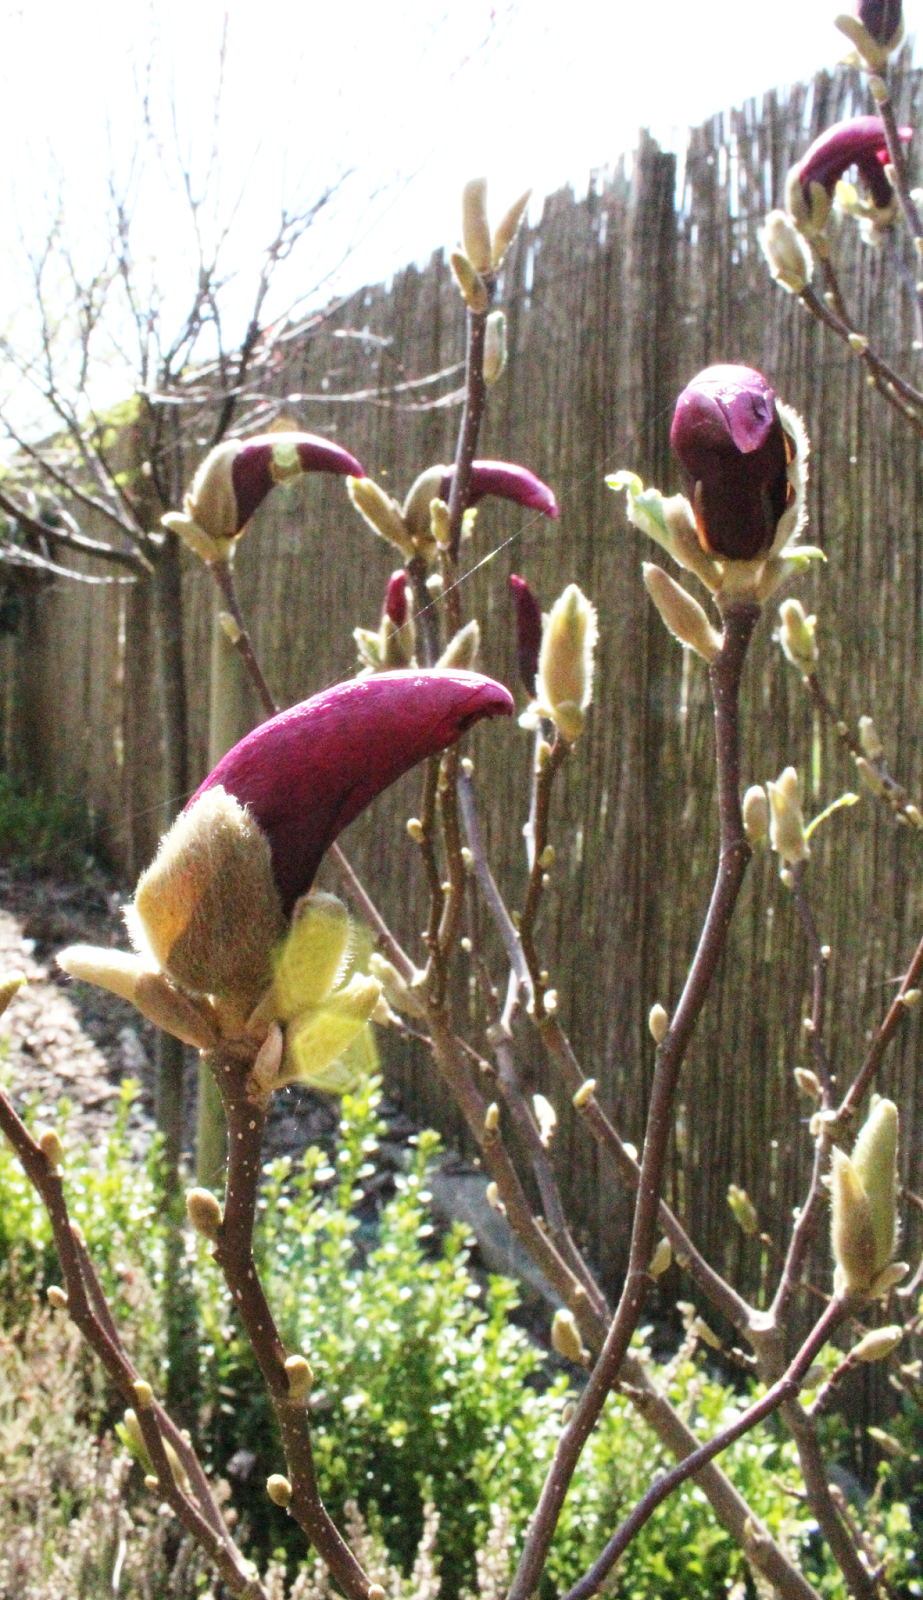 magnolia,kwiaty magnolii kolor zapach,jaka magnolia jest mrozoodporna,fioletowe wielkie kwiaty magnolii,ogró szczecin,pięknmy ogród,jak urządzić ogród DIY,blg wnętrza ogród DIY